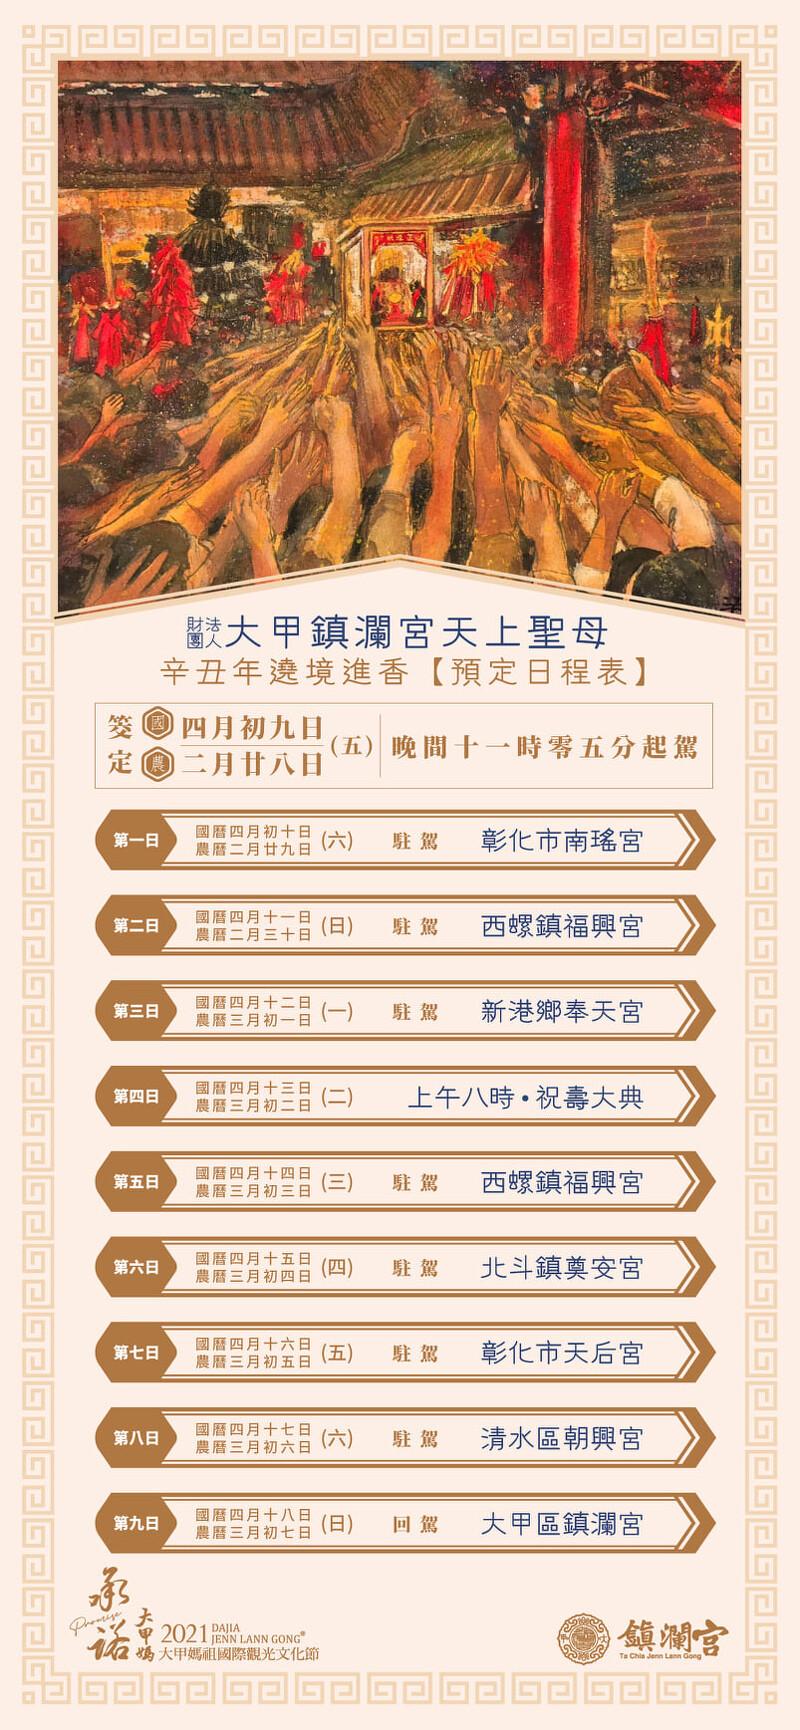 2021大甲鎮瀾宮媽祖繞境日程表